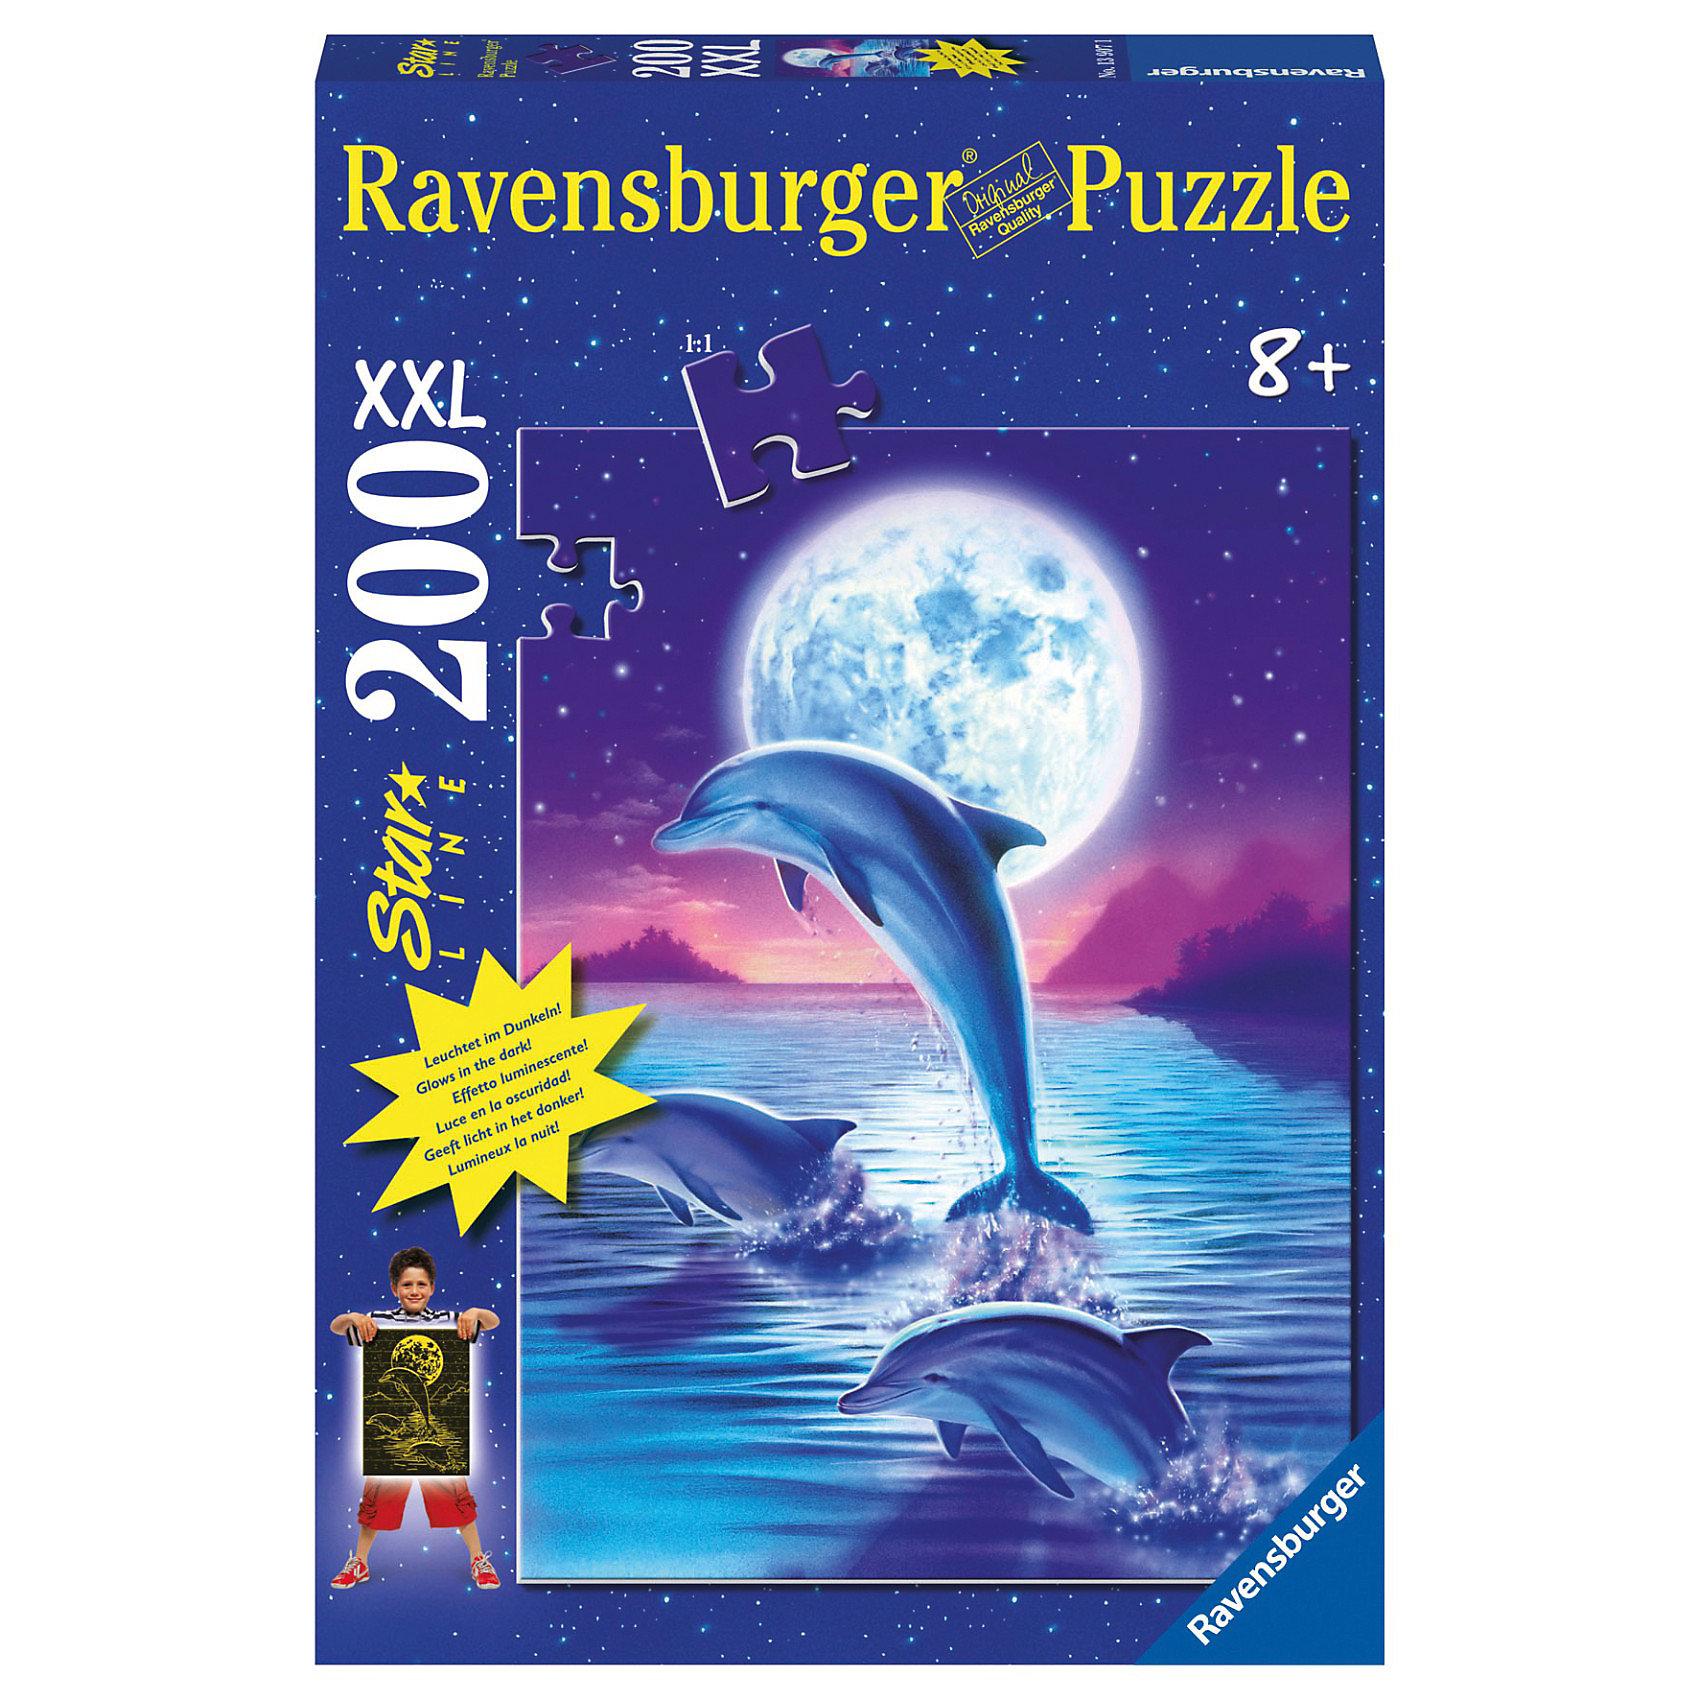 Ravensburger Пазл светящийся «Дельфины» XXL 200 деталей, Ravensburger пазл 200 элементов ravensburger мой первый питомец 12810